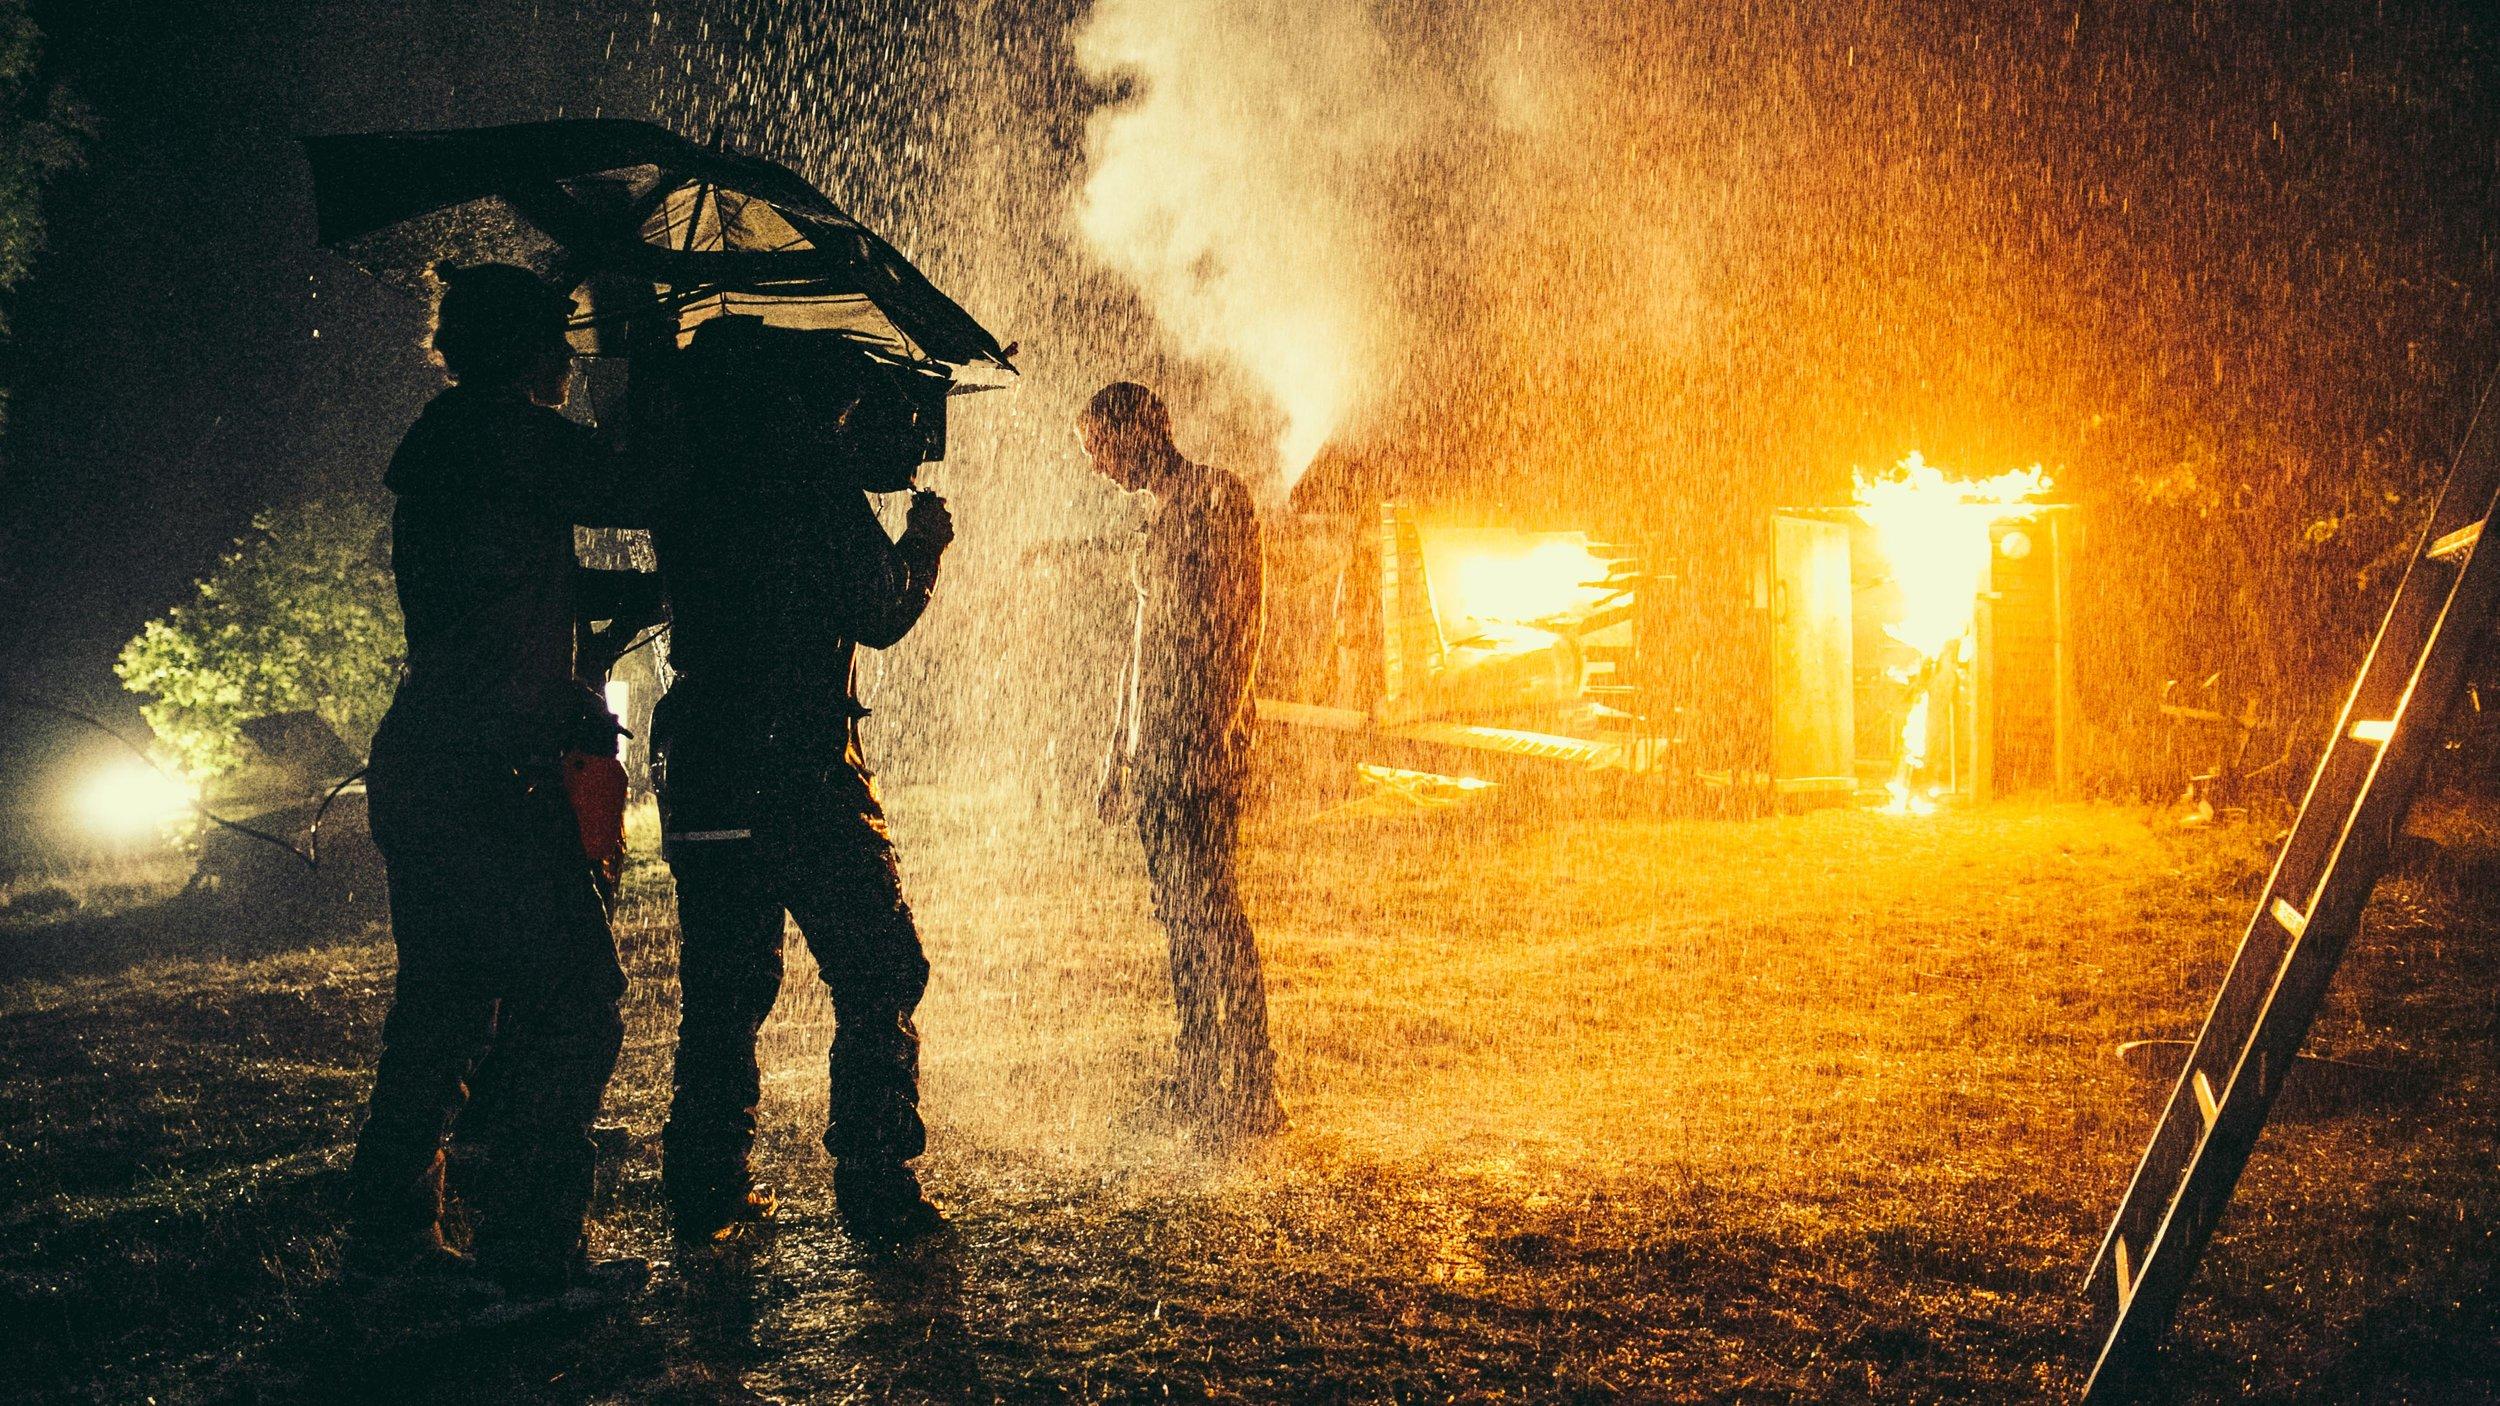 Slutnoten i  Den blomstertid nu kommer  filmas under ett paraply skyddande från hällregn. En fullkomligt bombastisk scen.